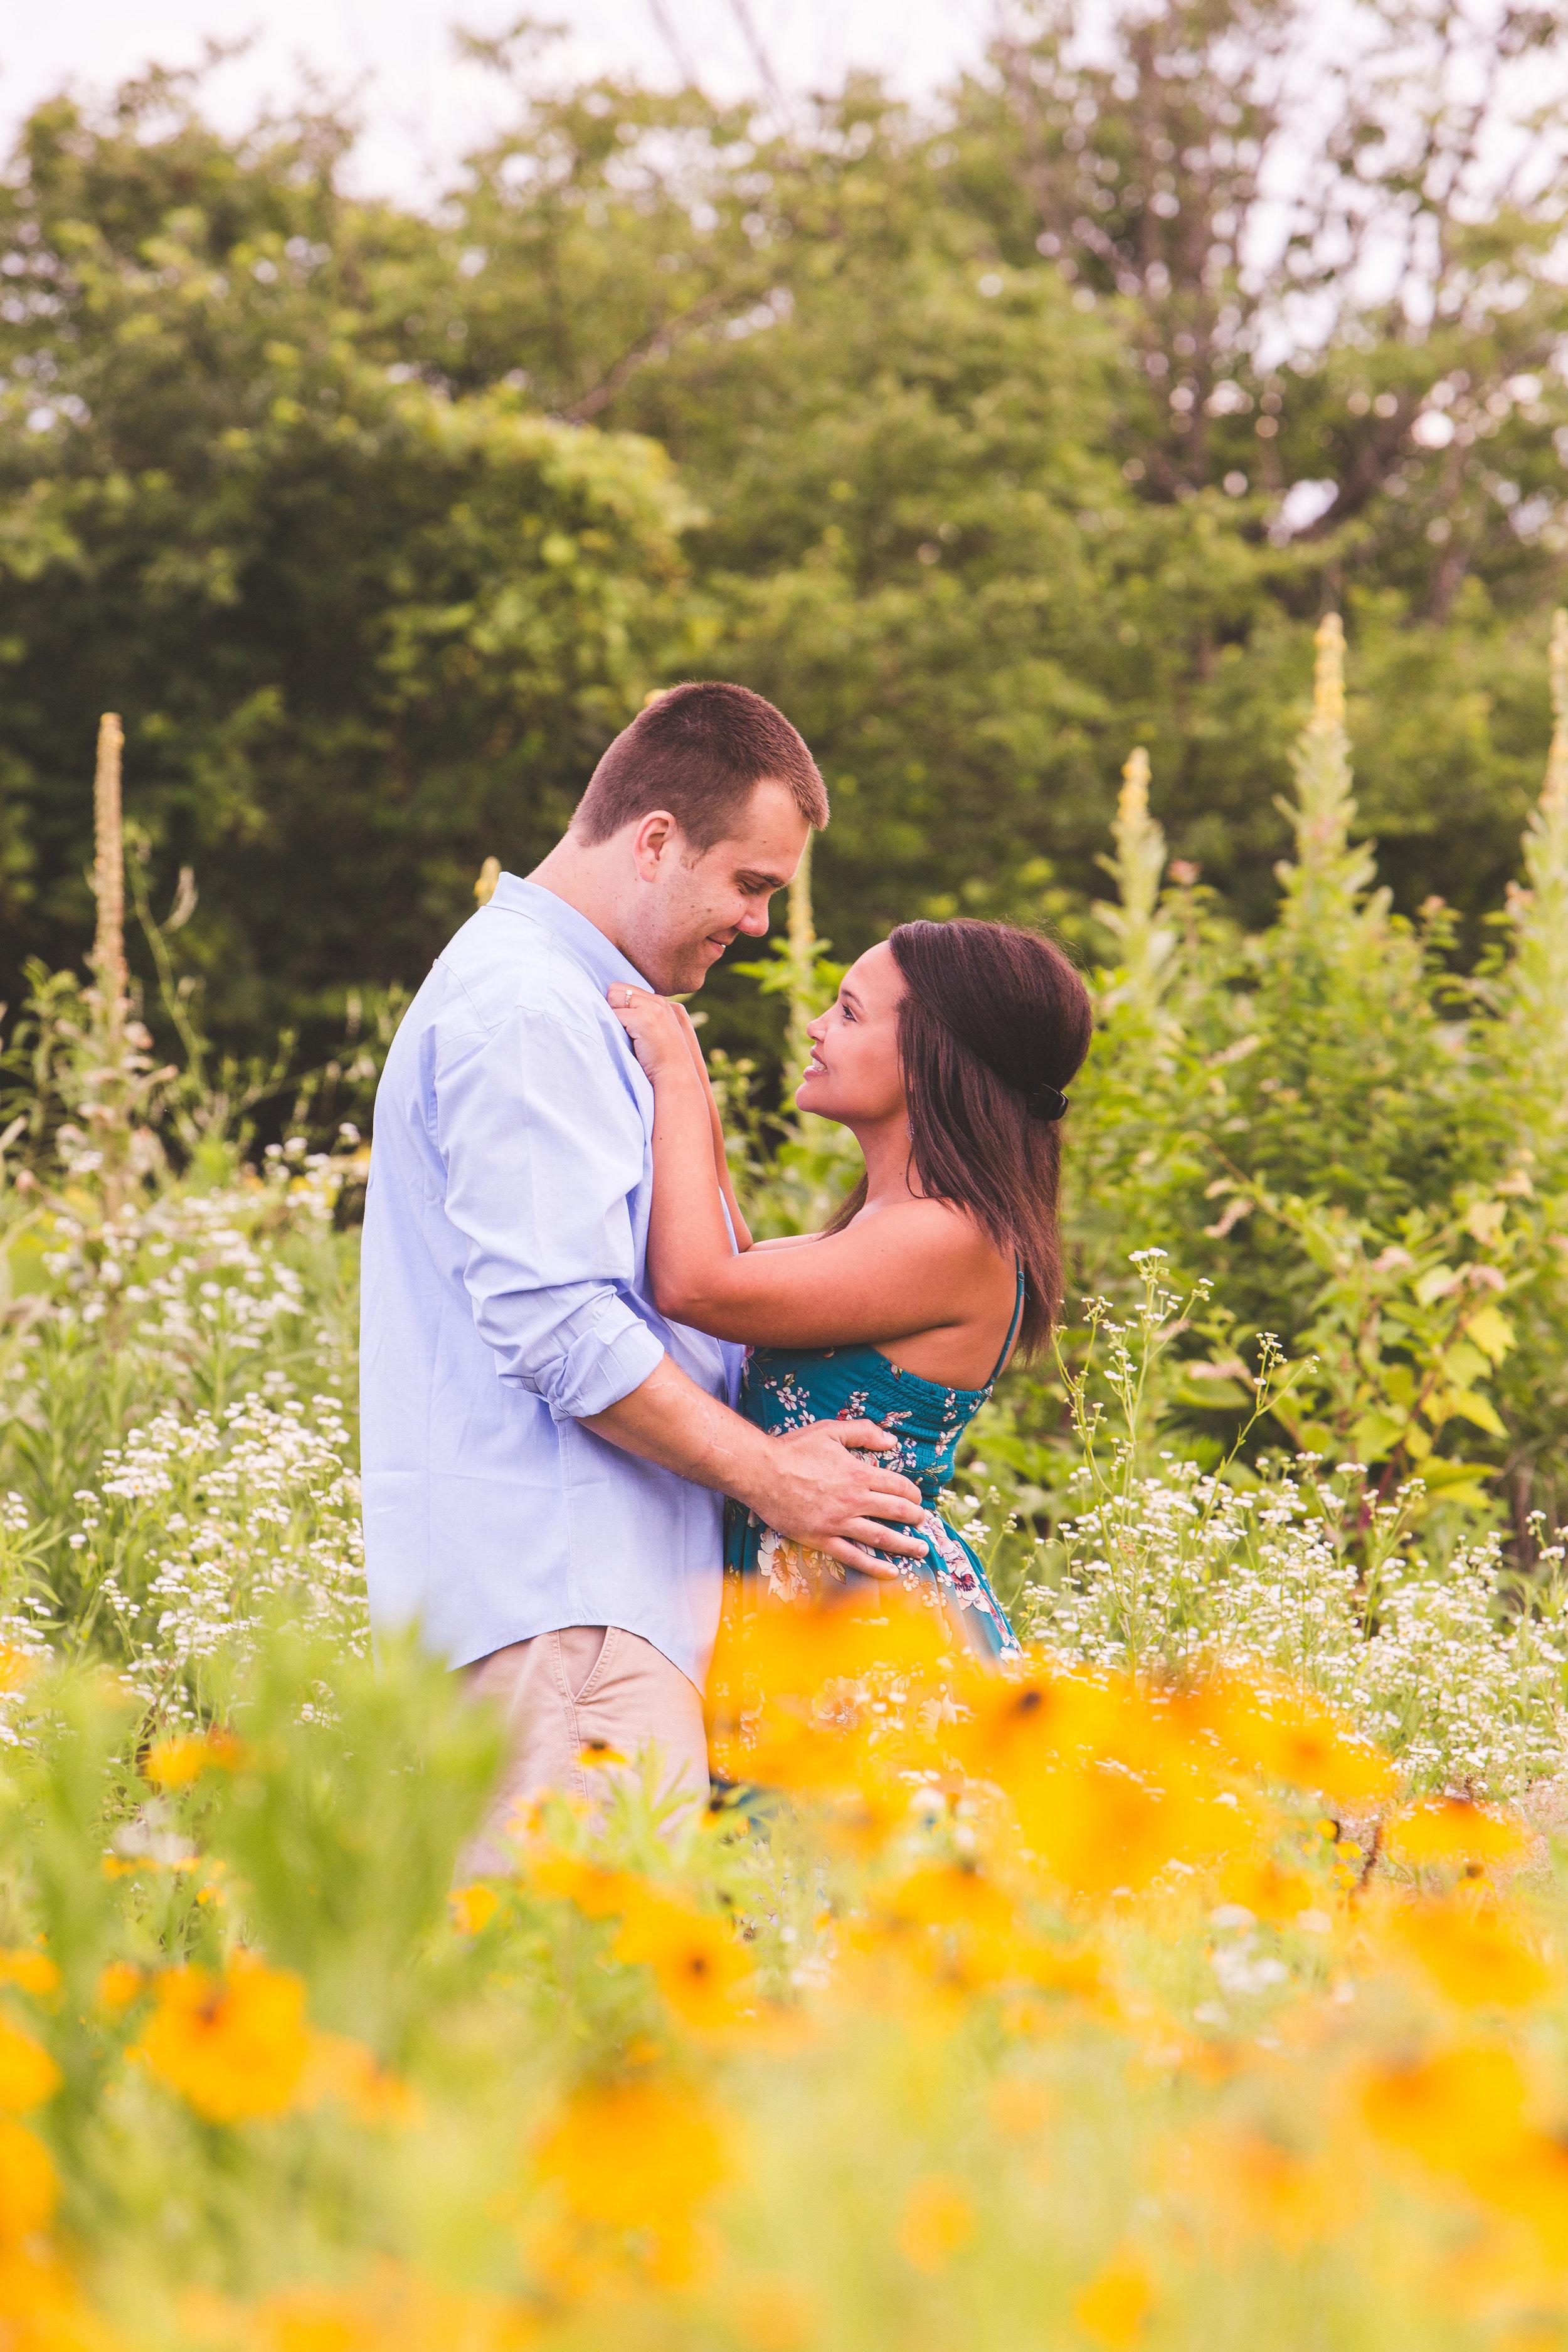 engagement photos in hilliard ohio